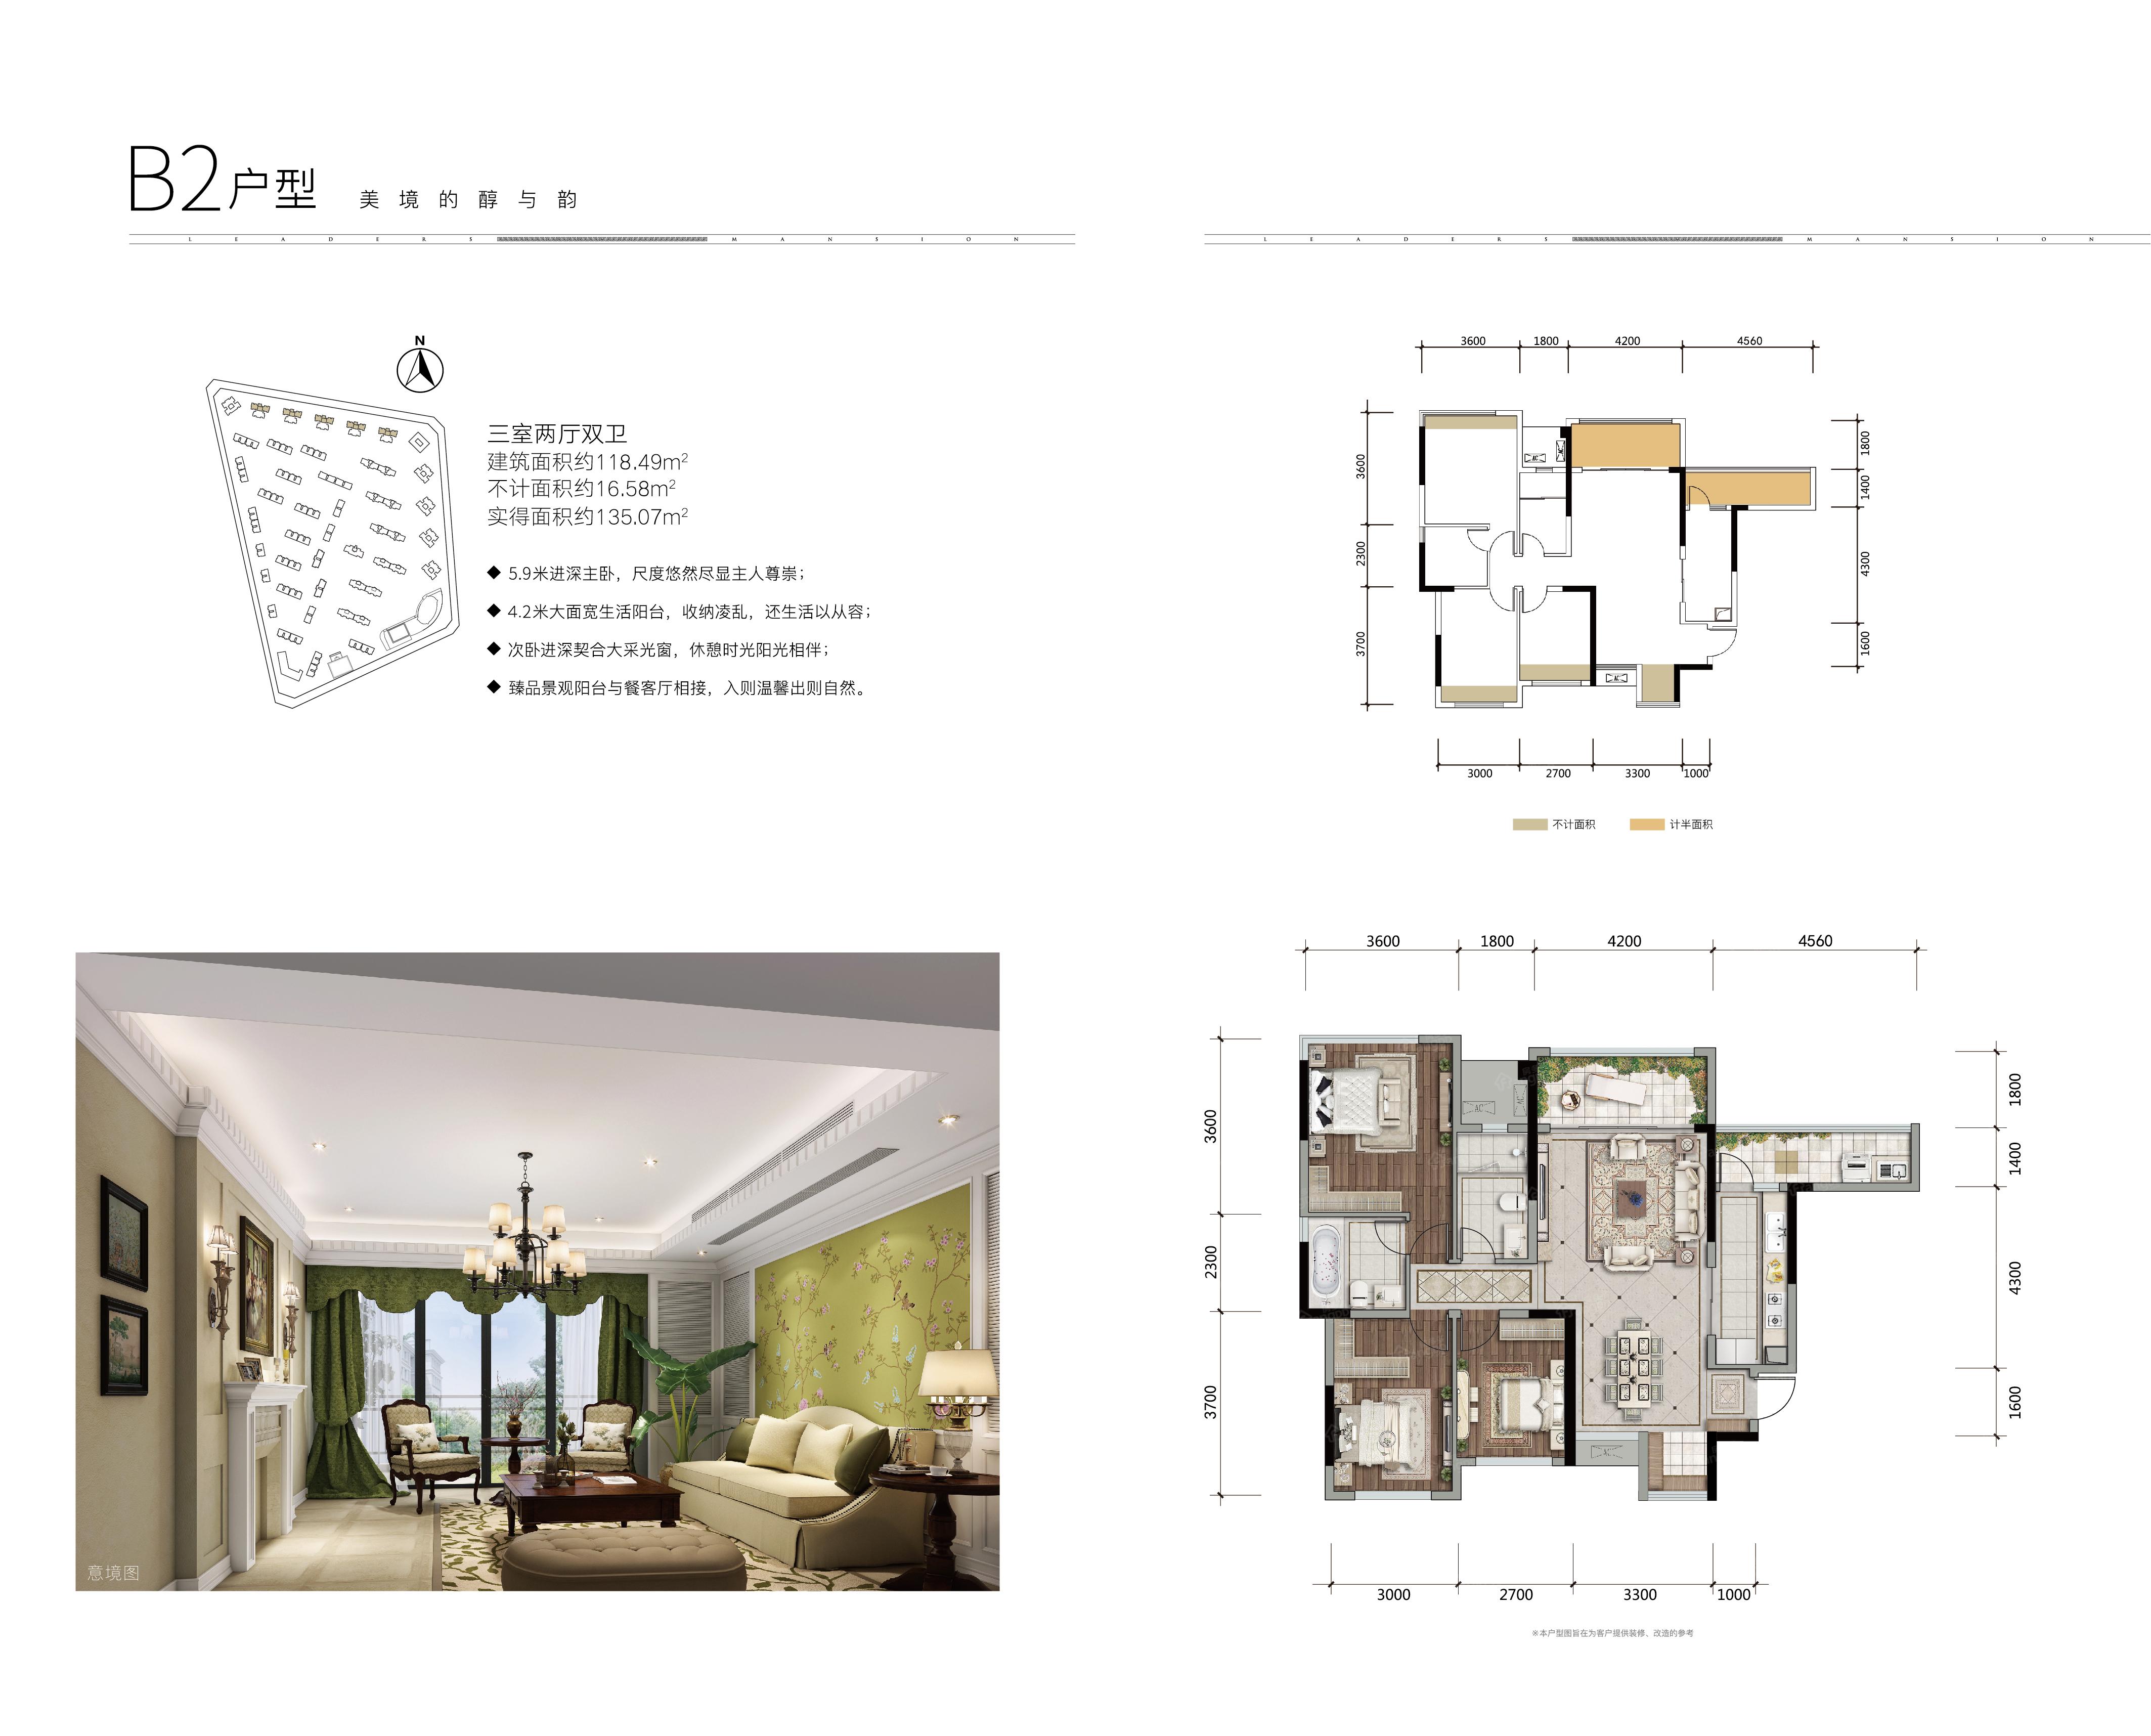 四季贵州椿棠府3室2厅2卫户型图